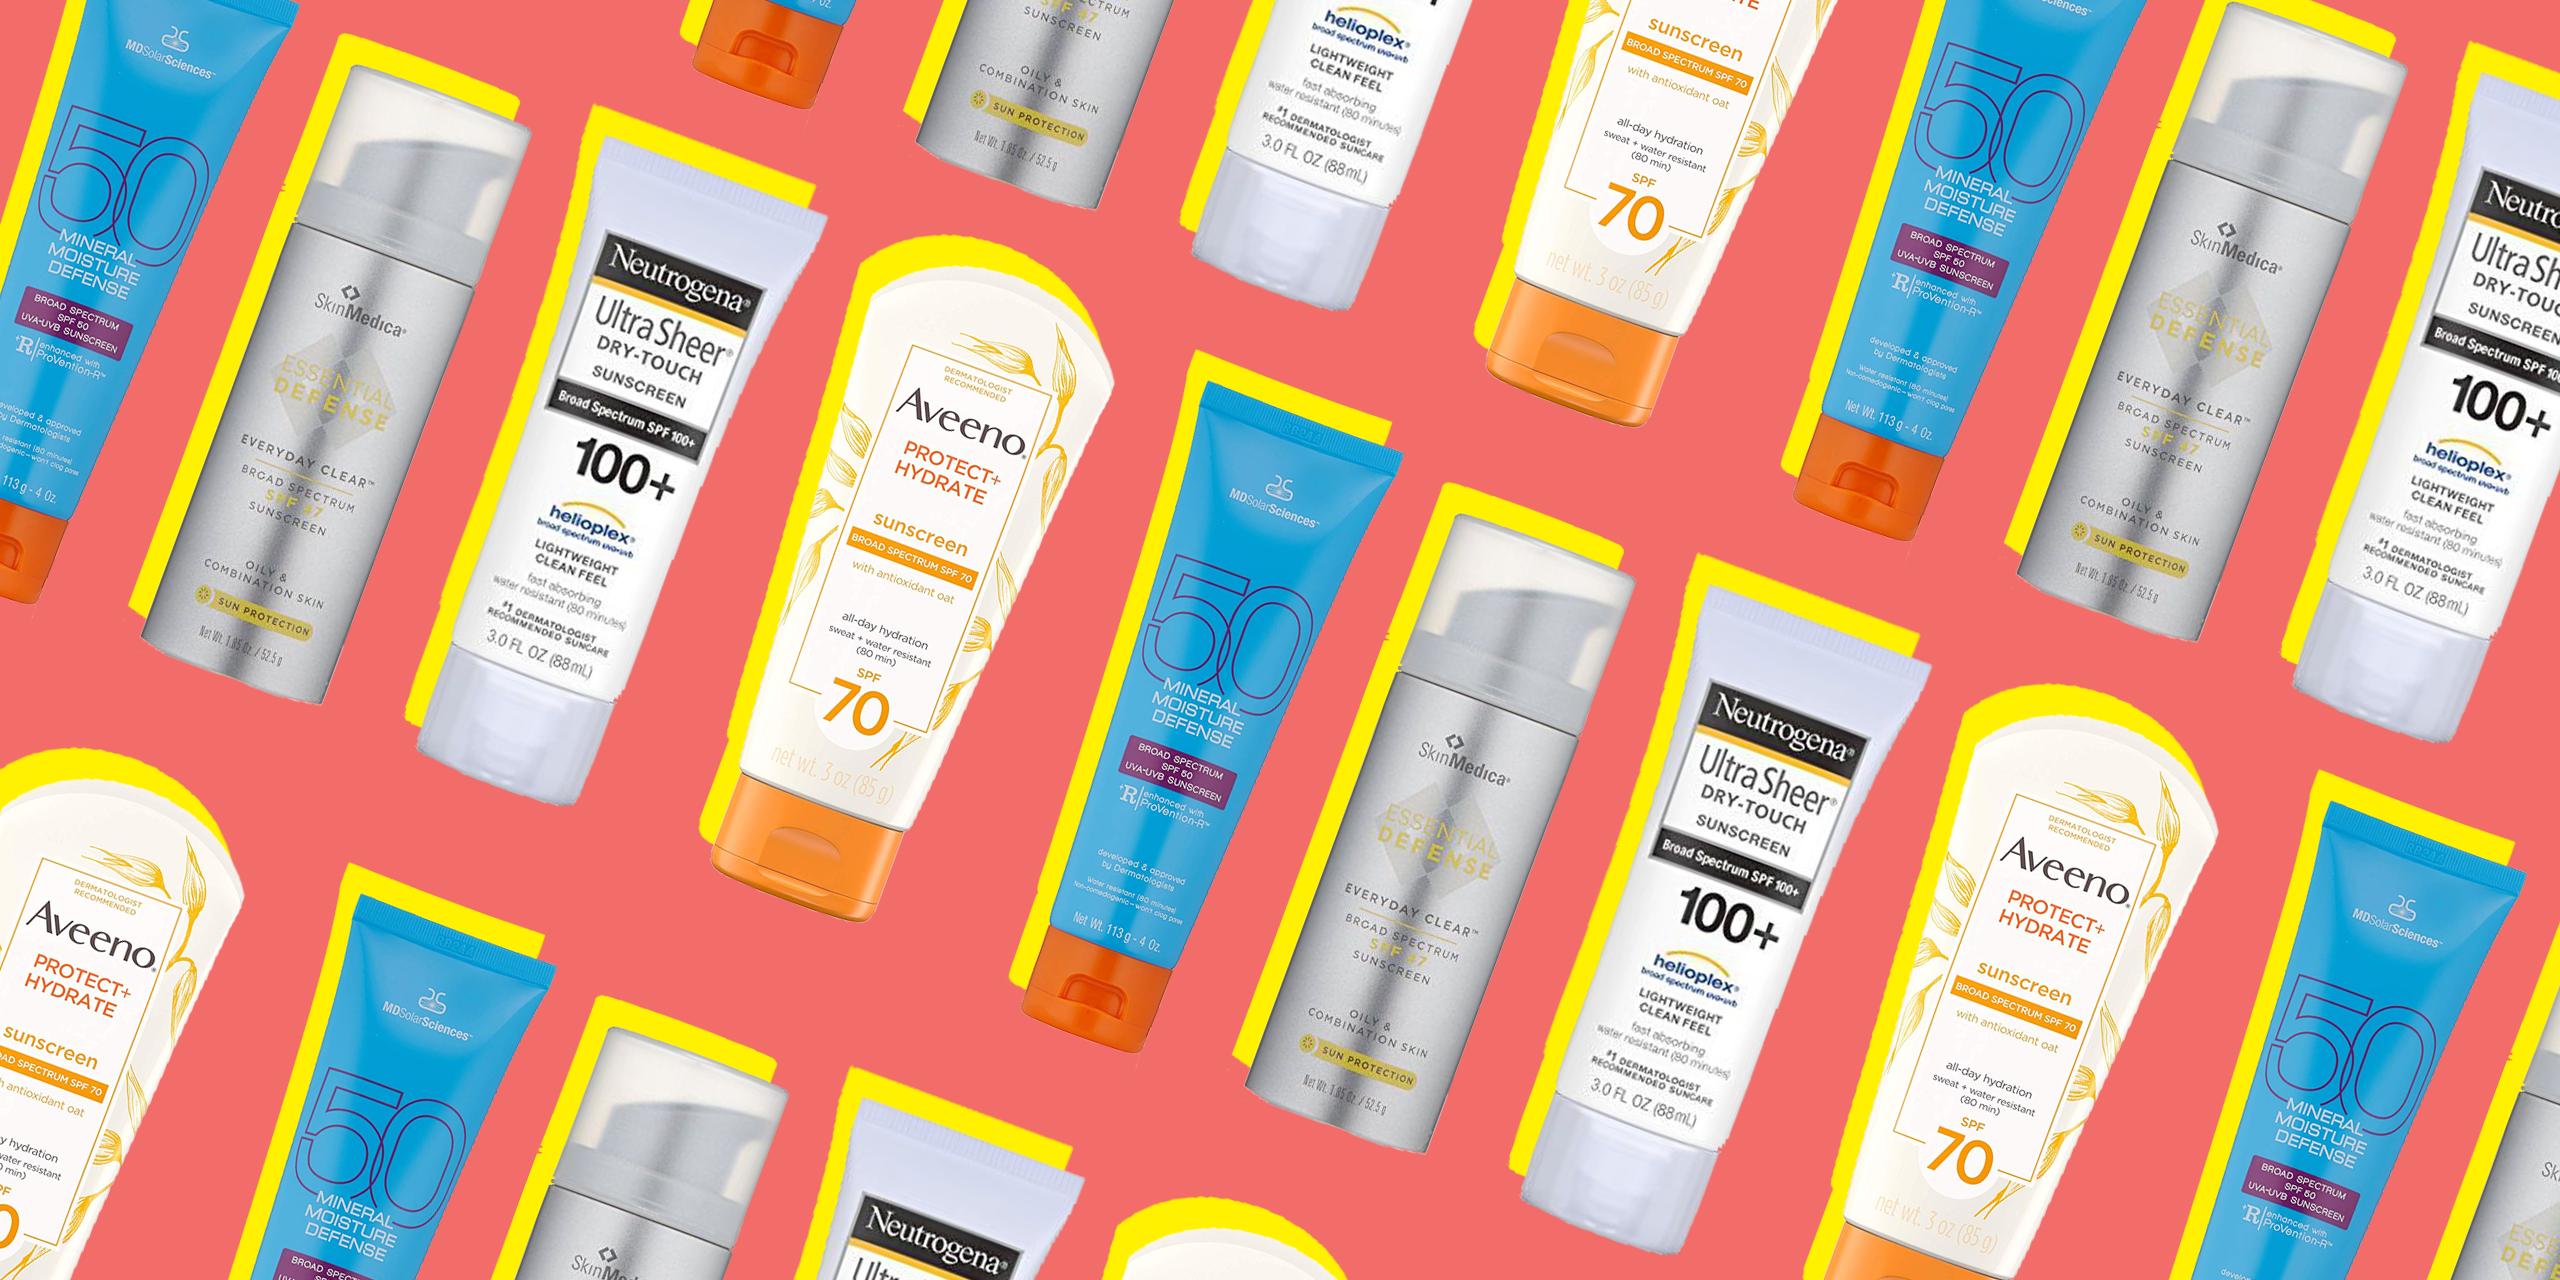 best sunscreens 2019